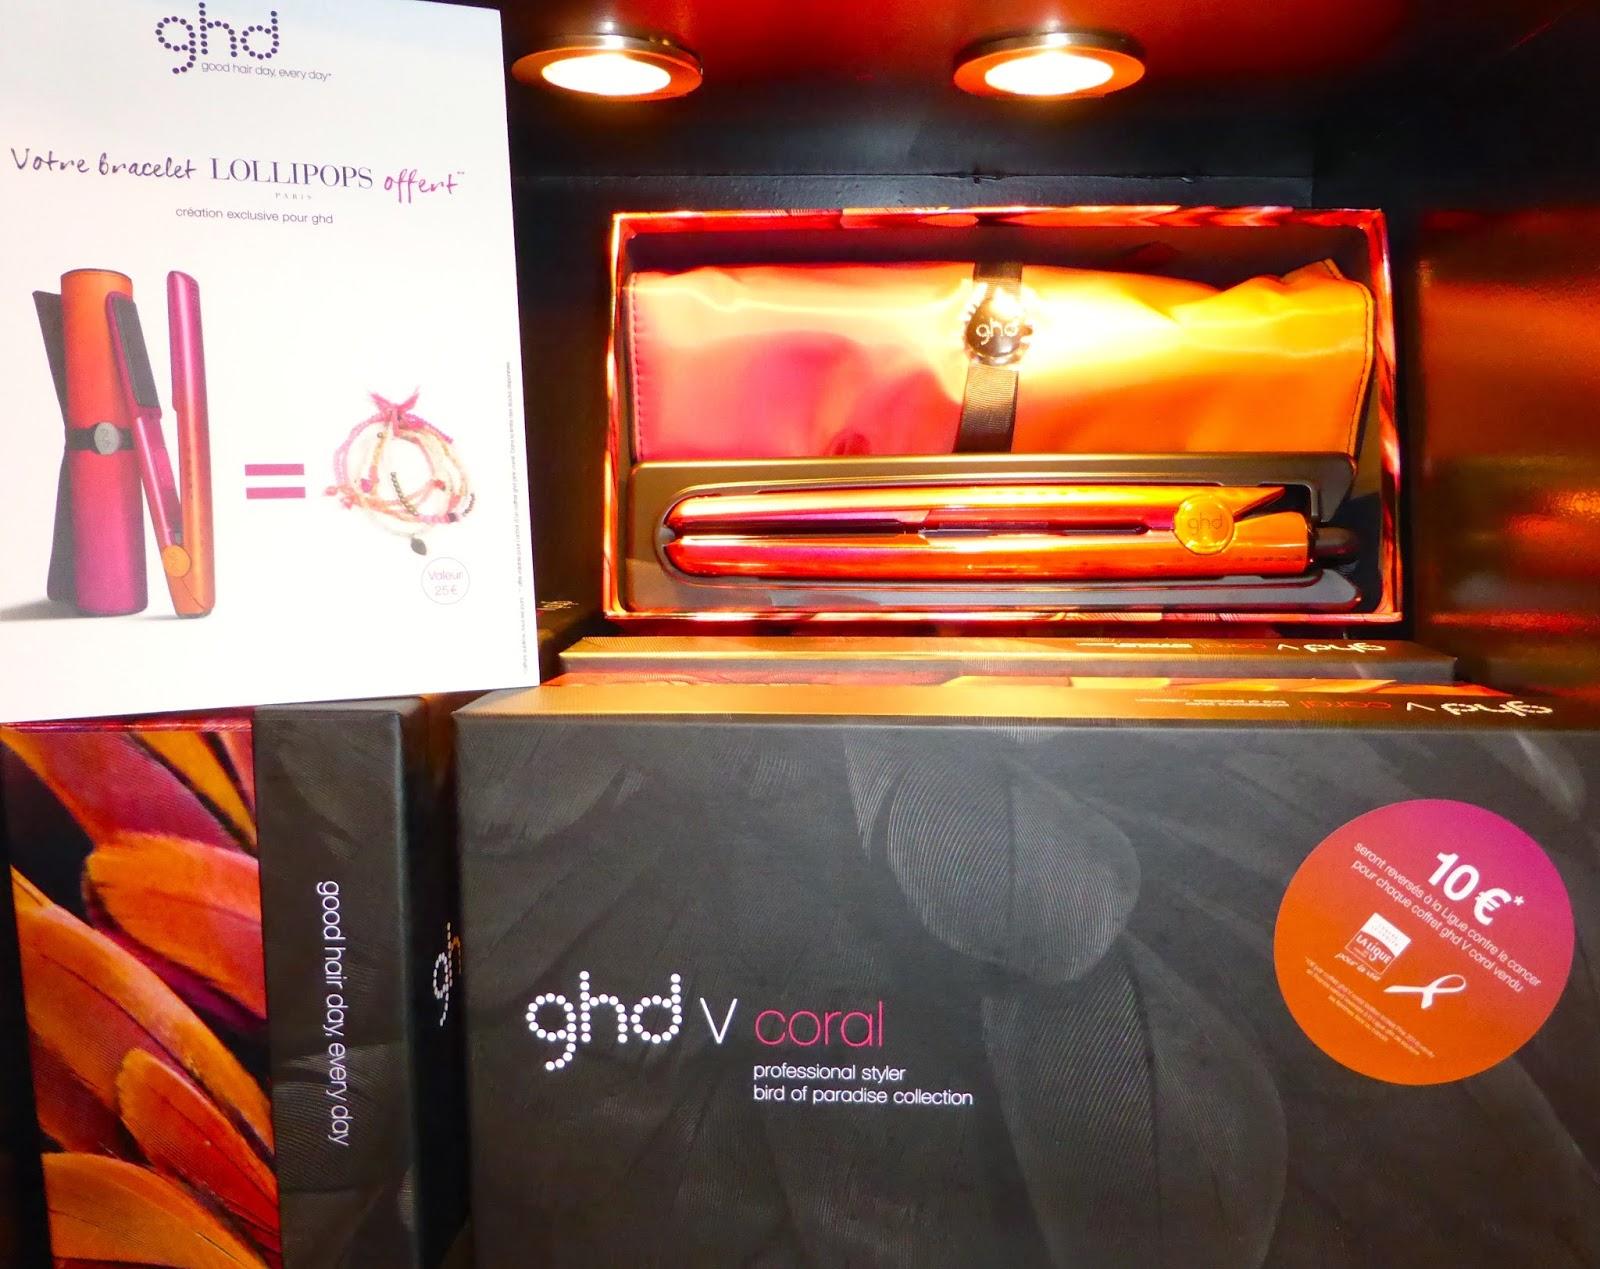 Une édition spéciale du Styler GHD Coral, présent au Studio 54 à Montpellier,  avec une offre comprenant 10 € reversé à la lutte contre le cancer du sein ainsi qu'un bracelet LOLLIPOPS.